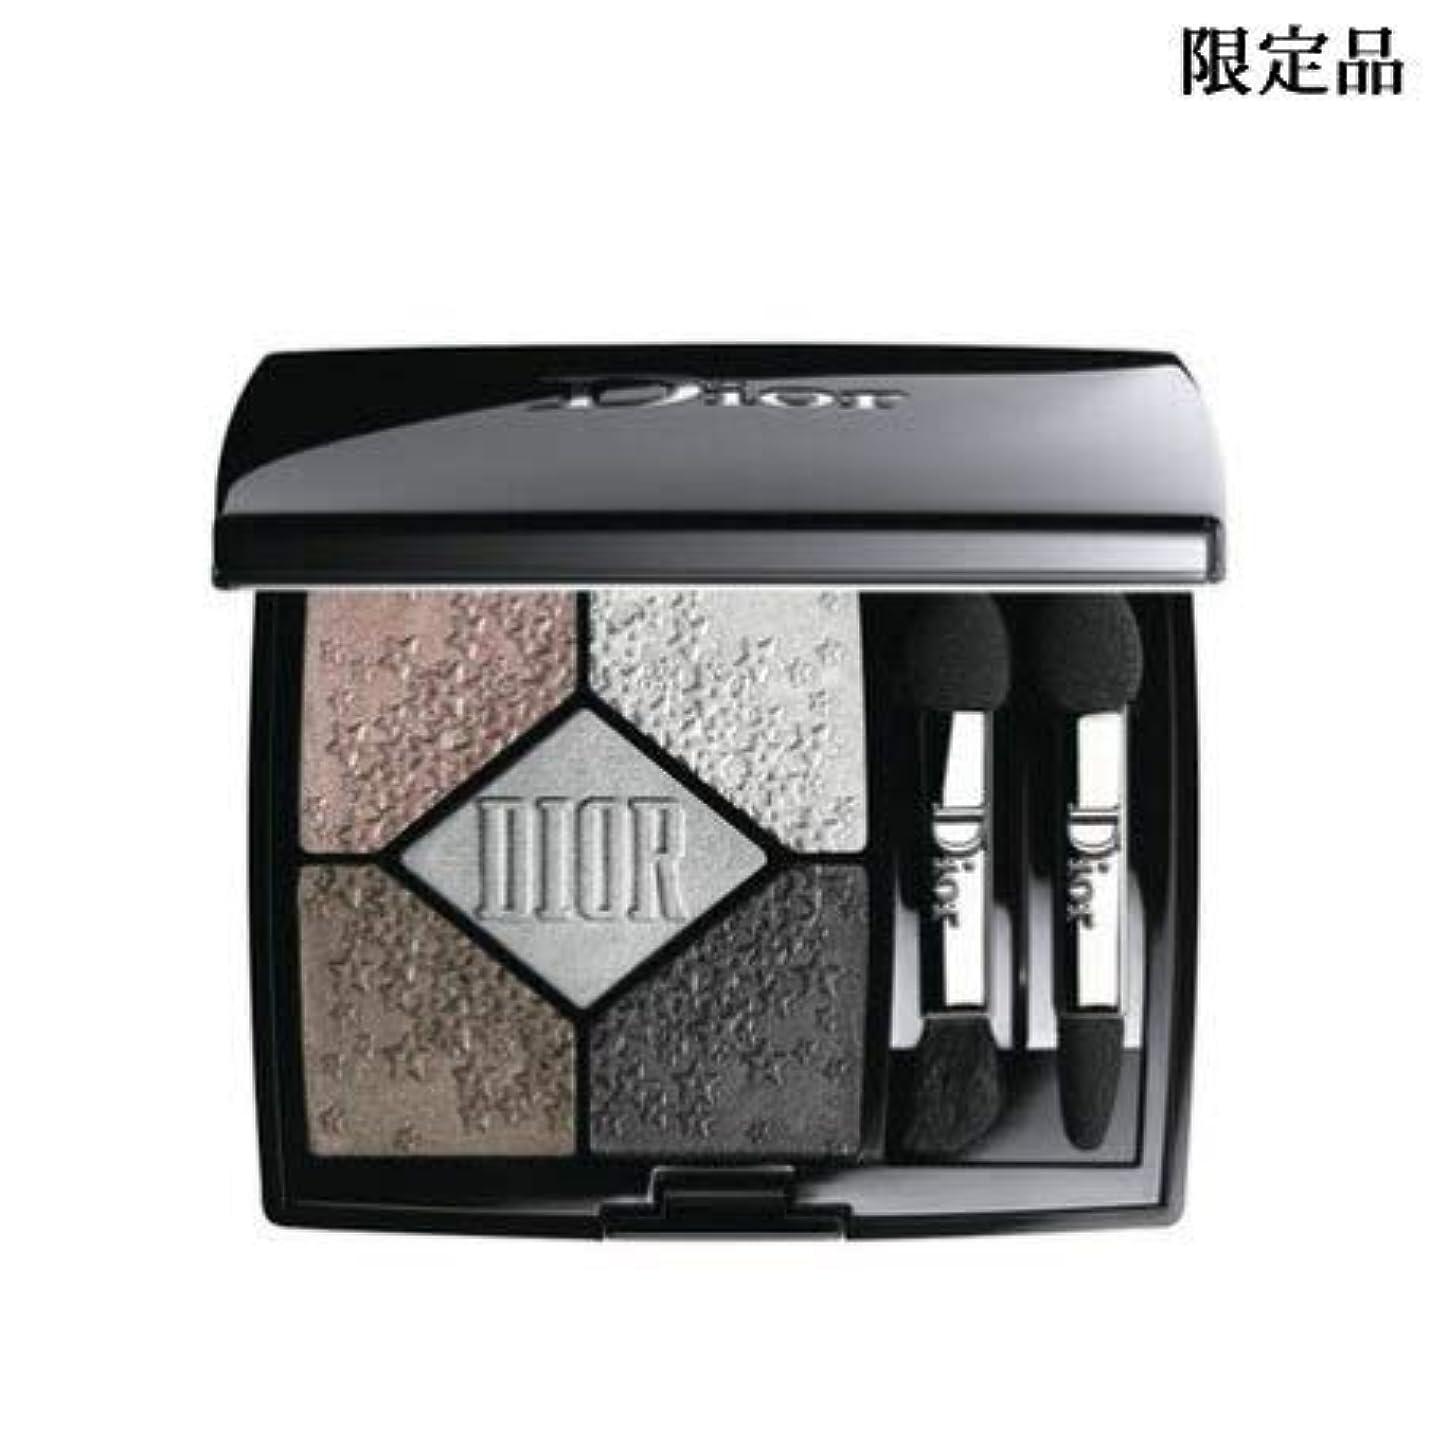 風景ブルジョン多様なディオール サンク クルール #057 ムーンライト 限定色 -Dior-